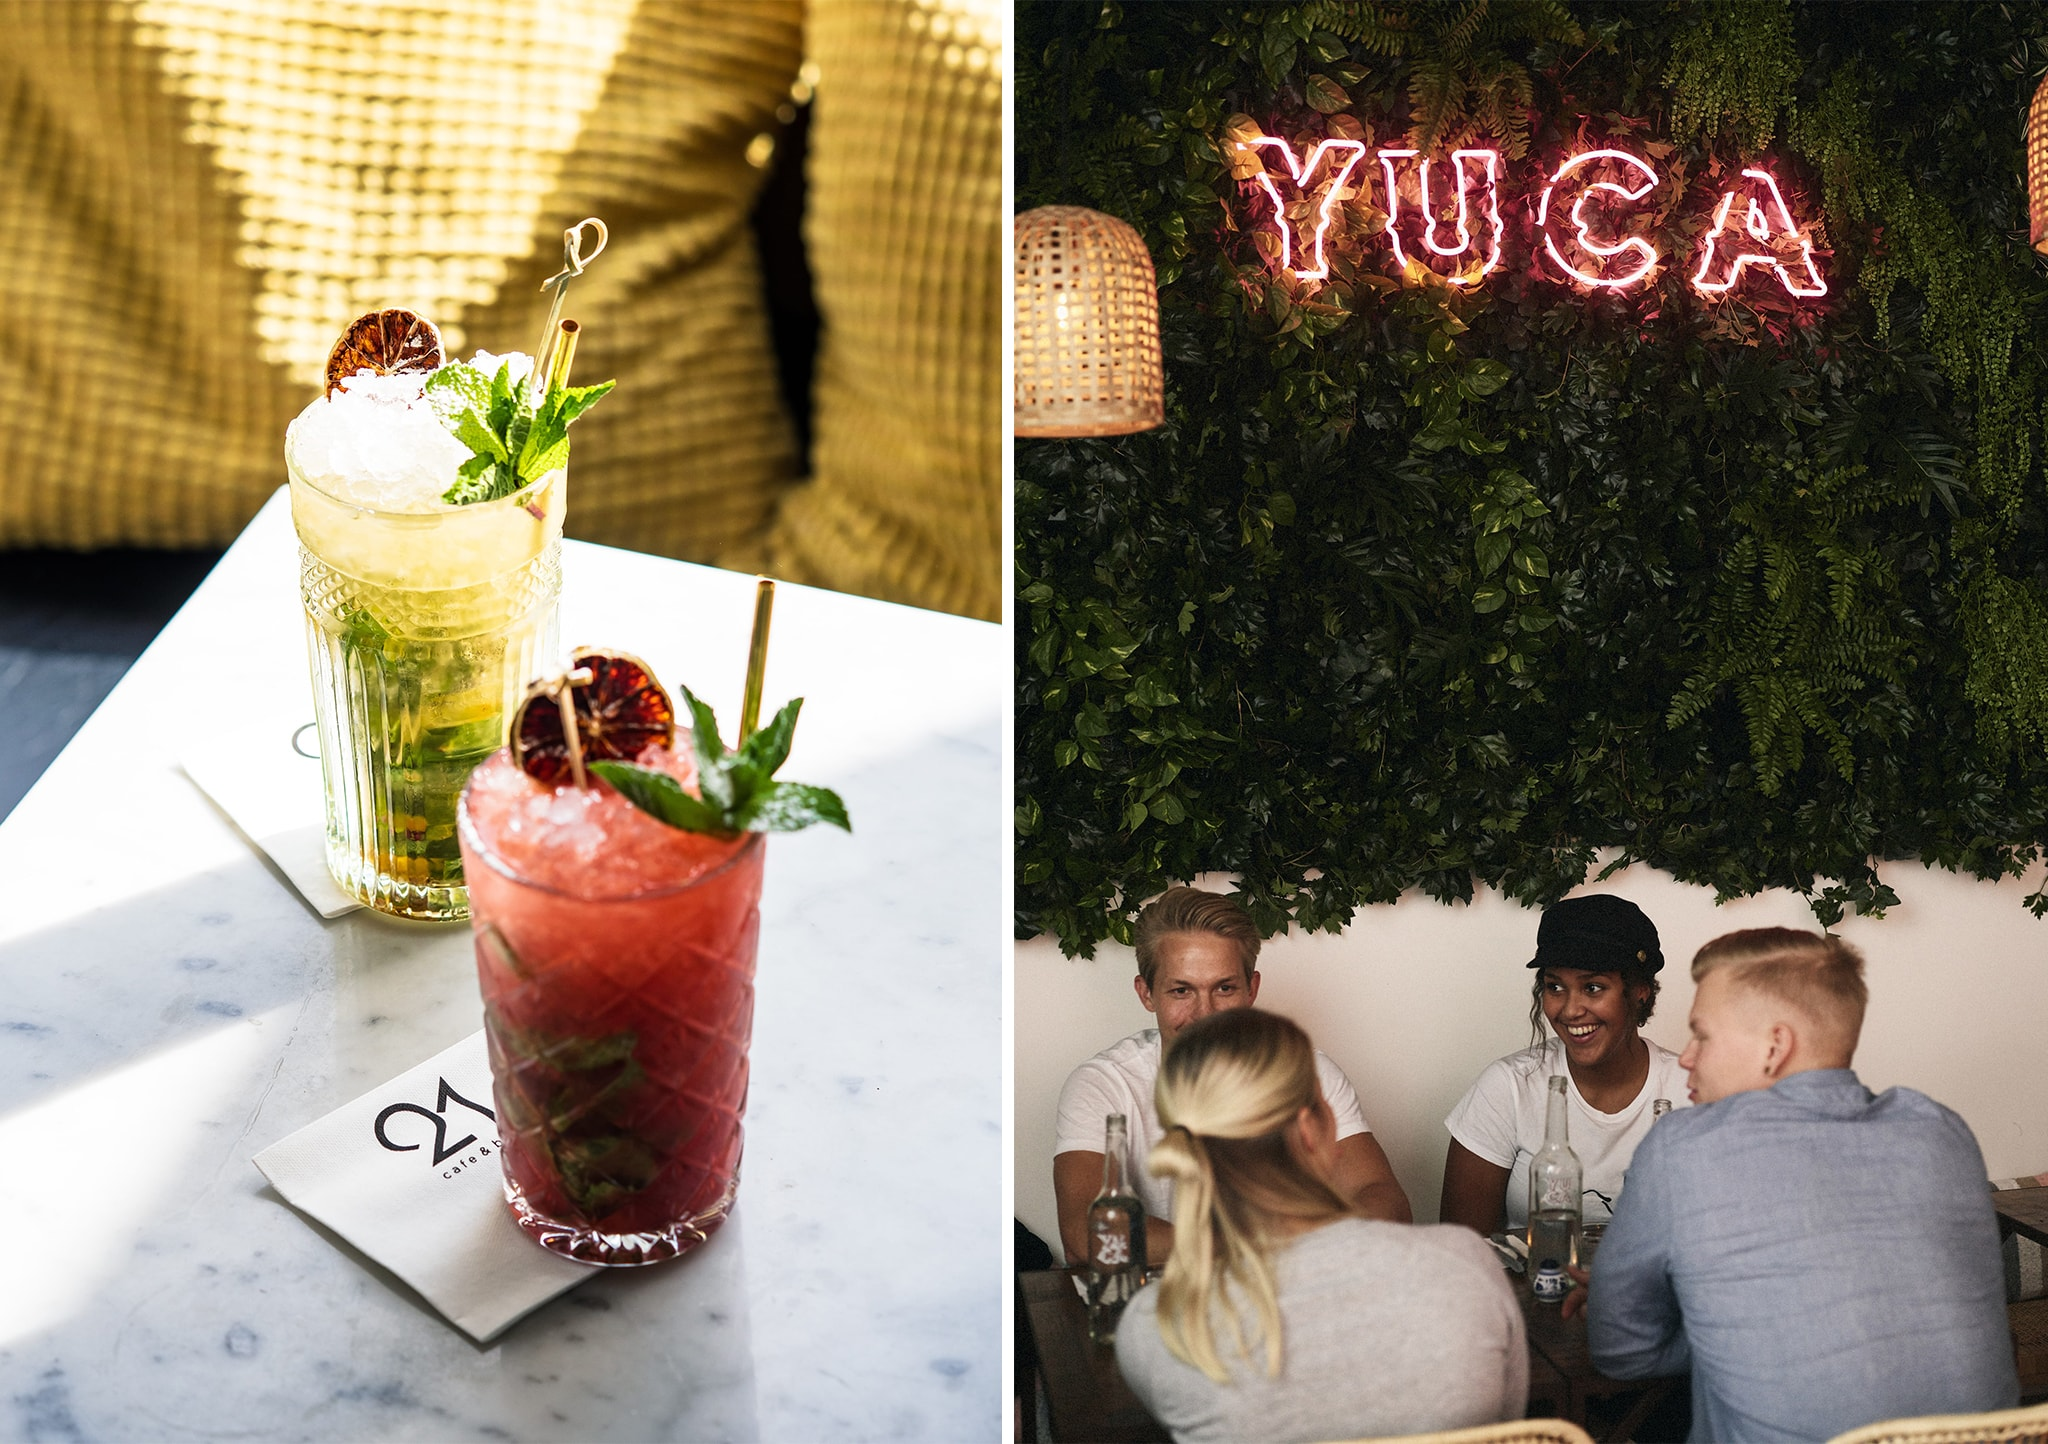 Yuca_Cafe21-min